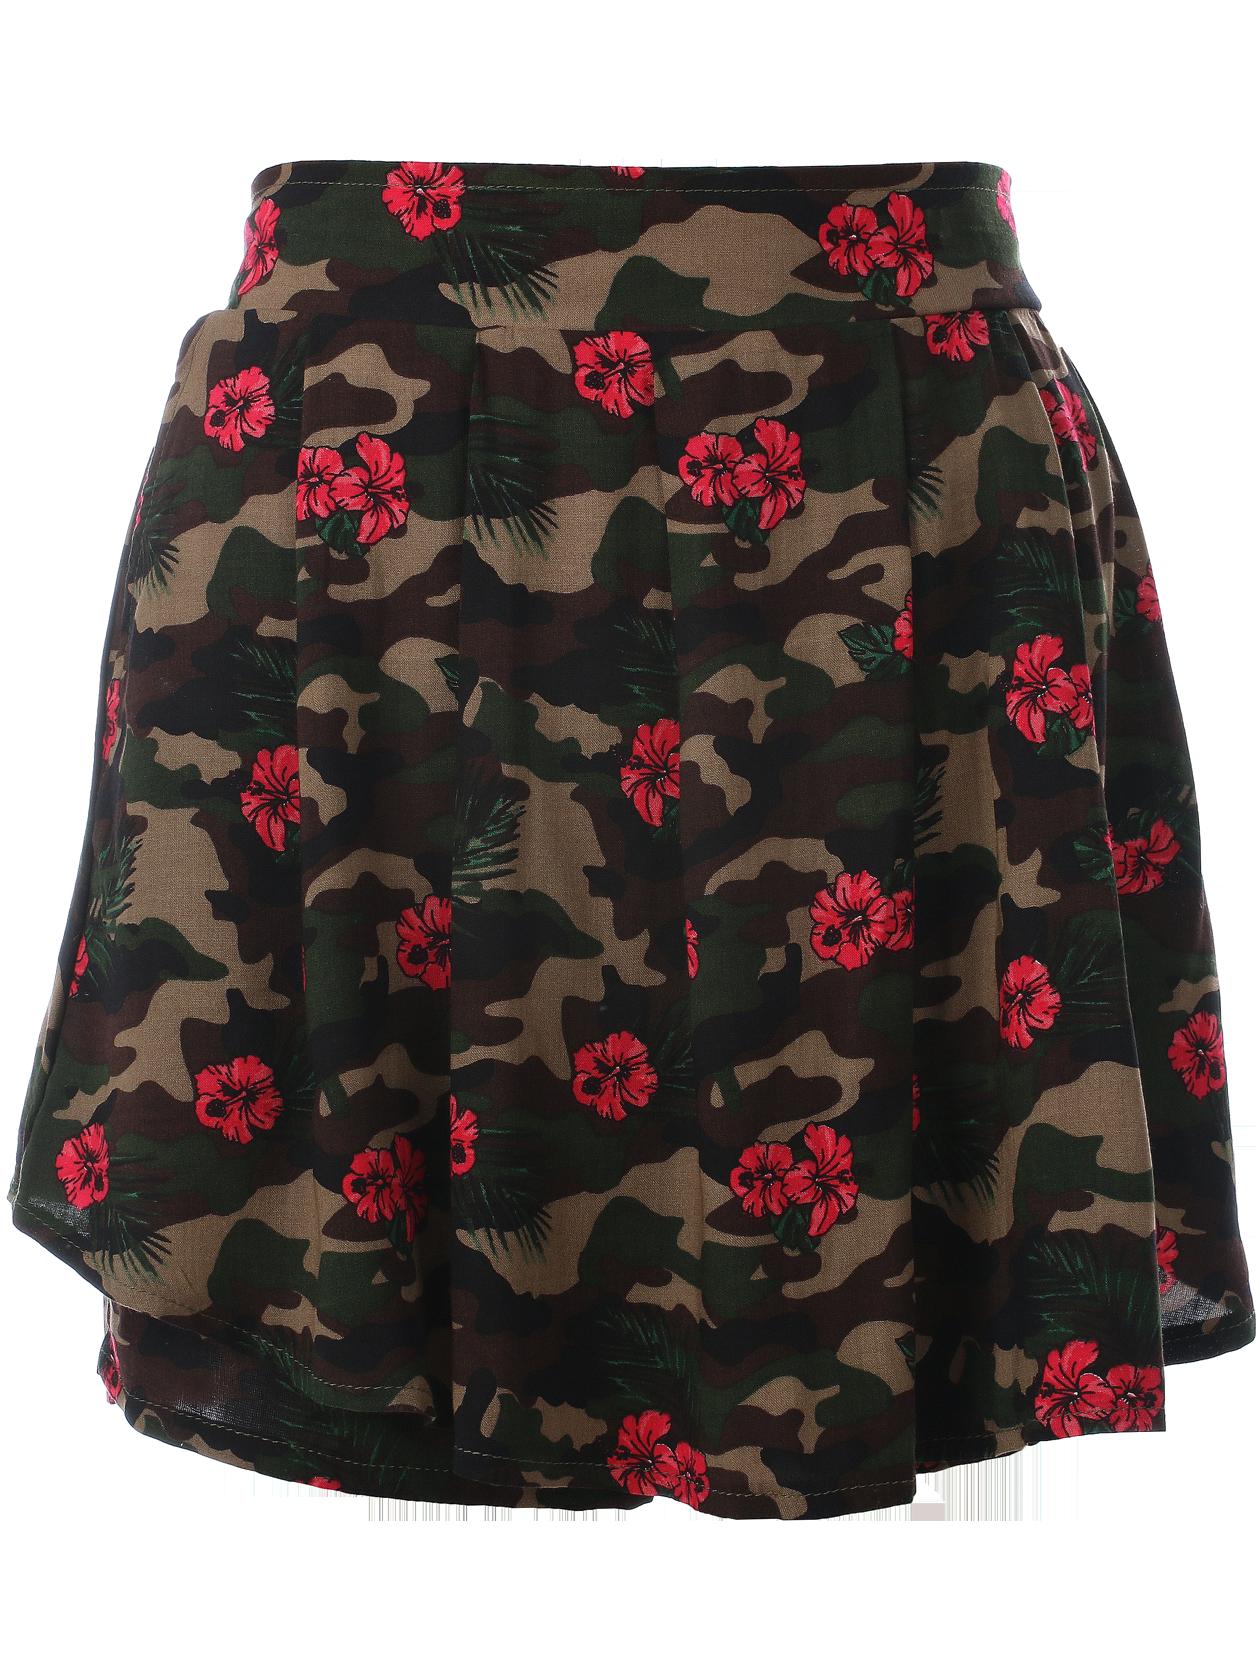 Womens Skirt Camo flowers от BlackStarWear INT